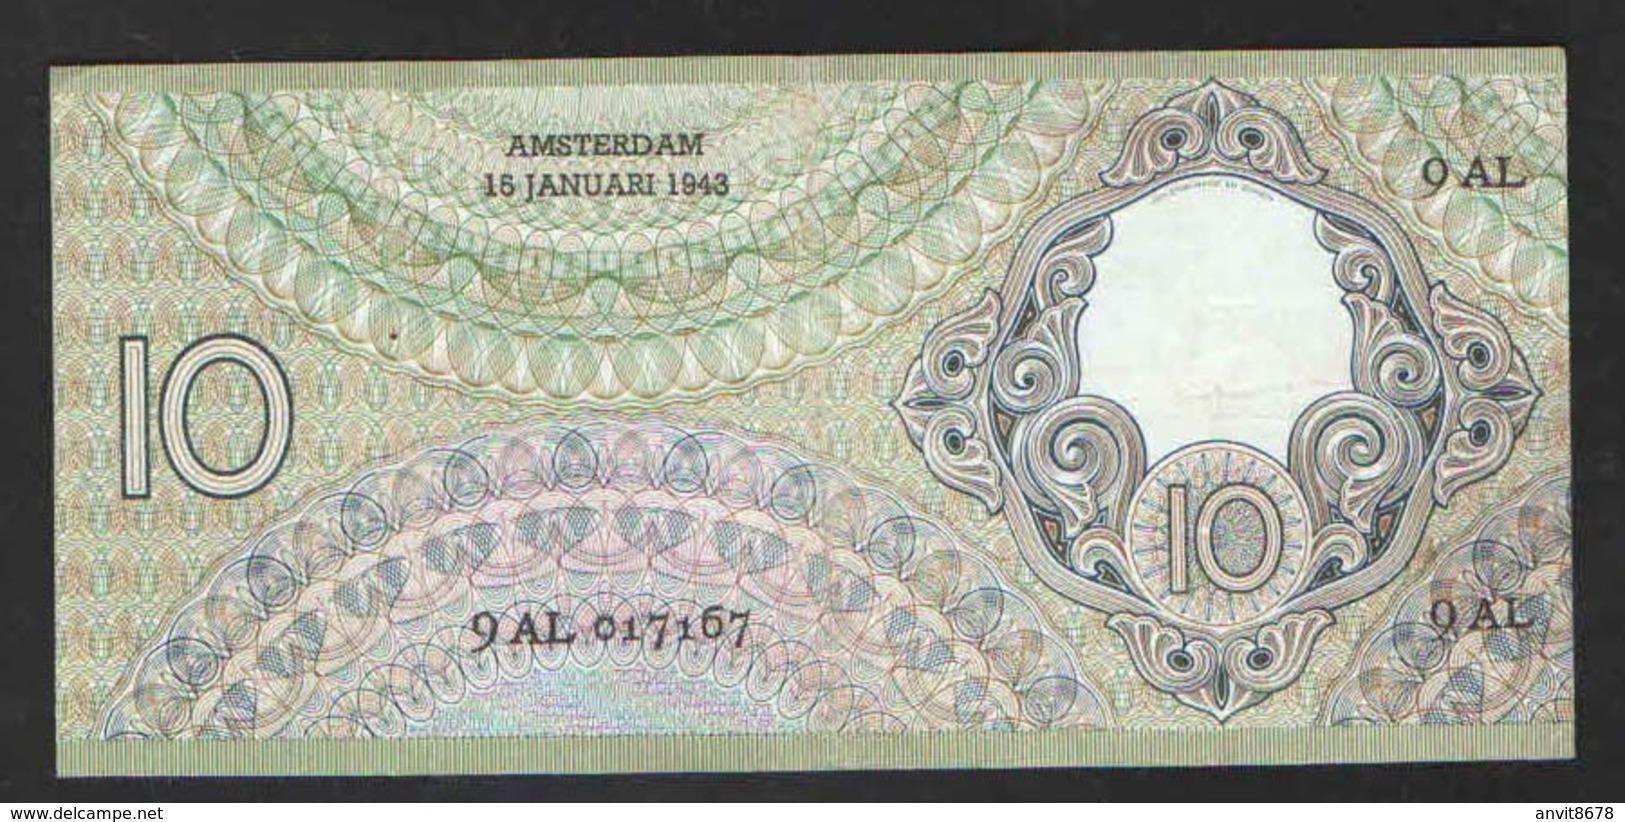 NETHERLANDS  10 GULDEN  1943 - 5 Florín Holandés (gulden)